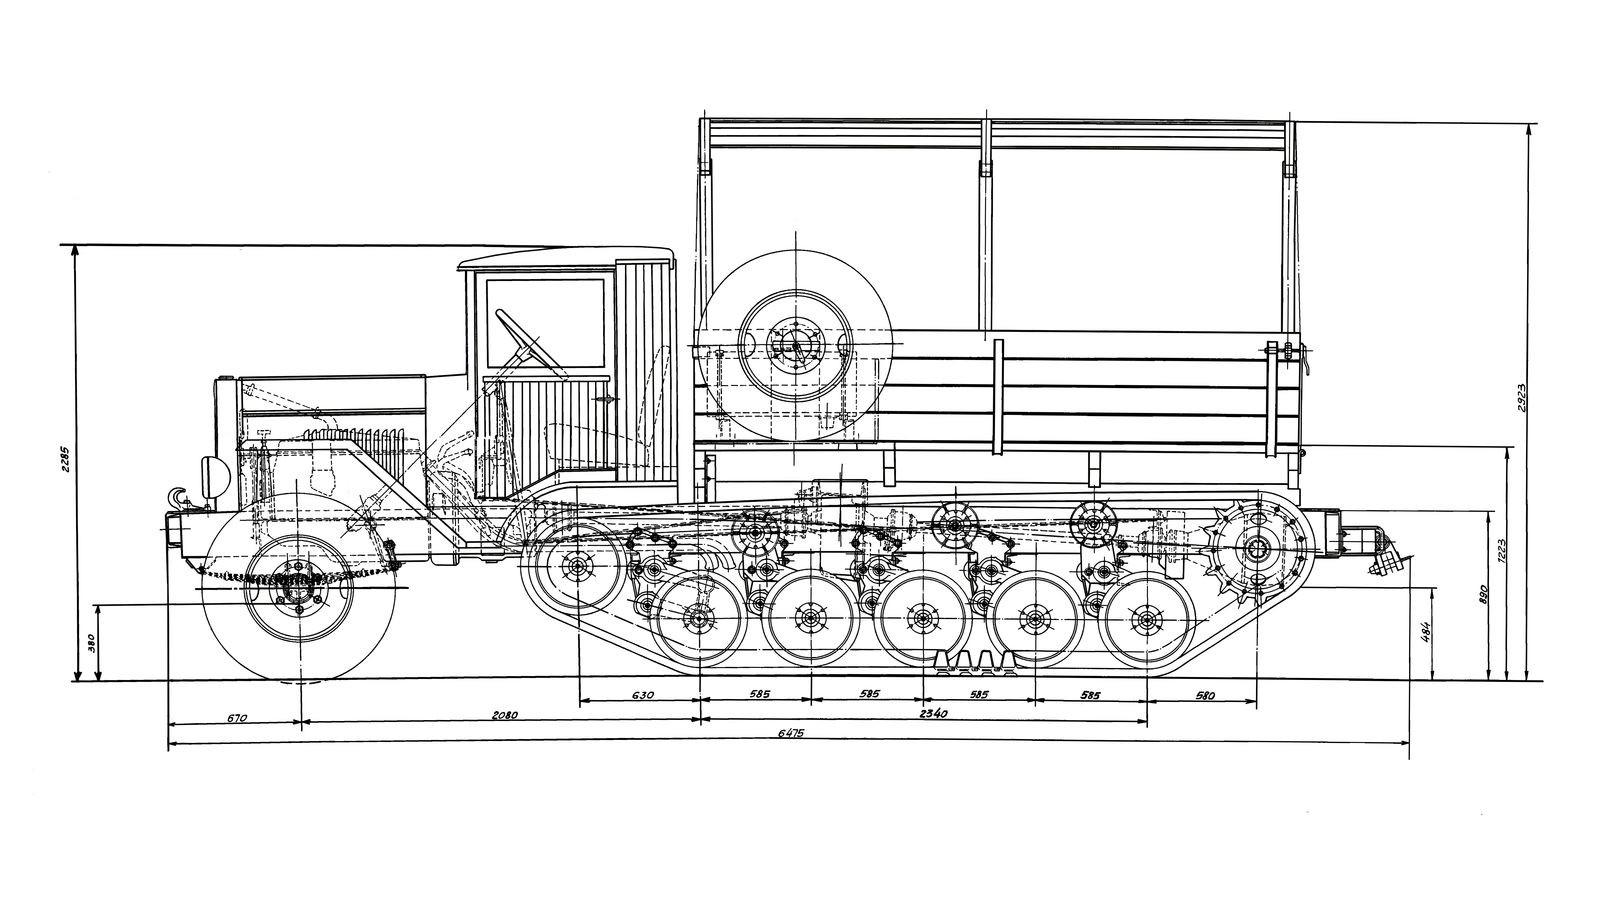 Колёса, гусеницы и два мотора: забытые советские экспериментальные тягачи АТ